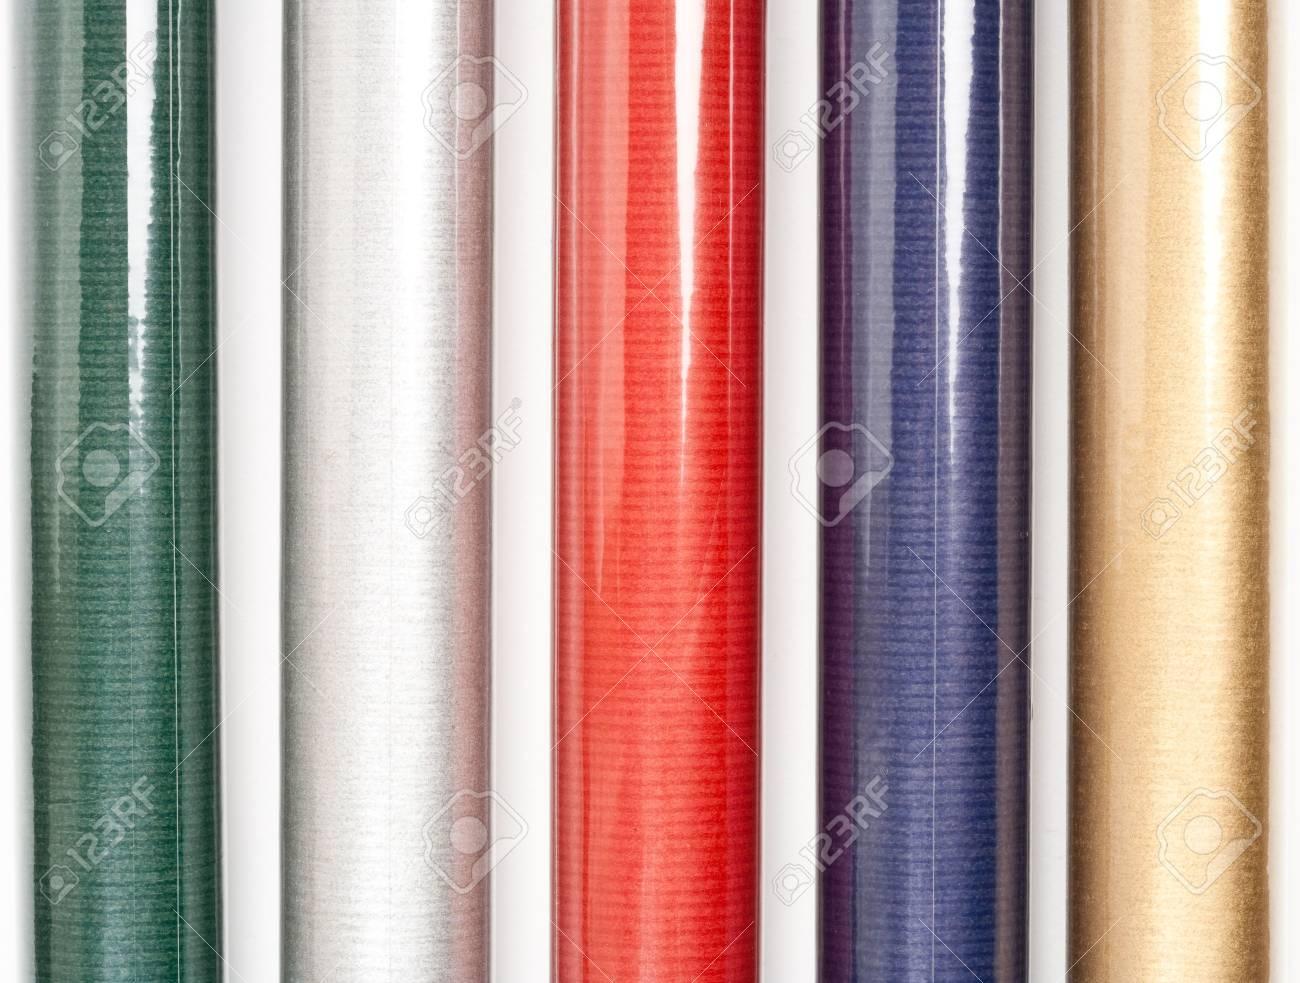 Rotoli Di Carta Colorata : Immagini stock close up di rotoli di carta colorata isolati su